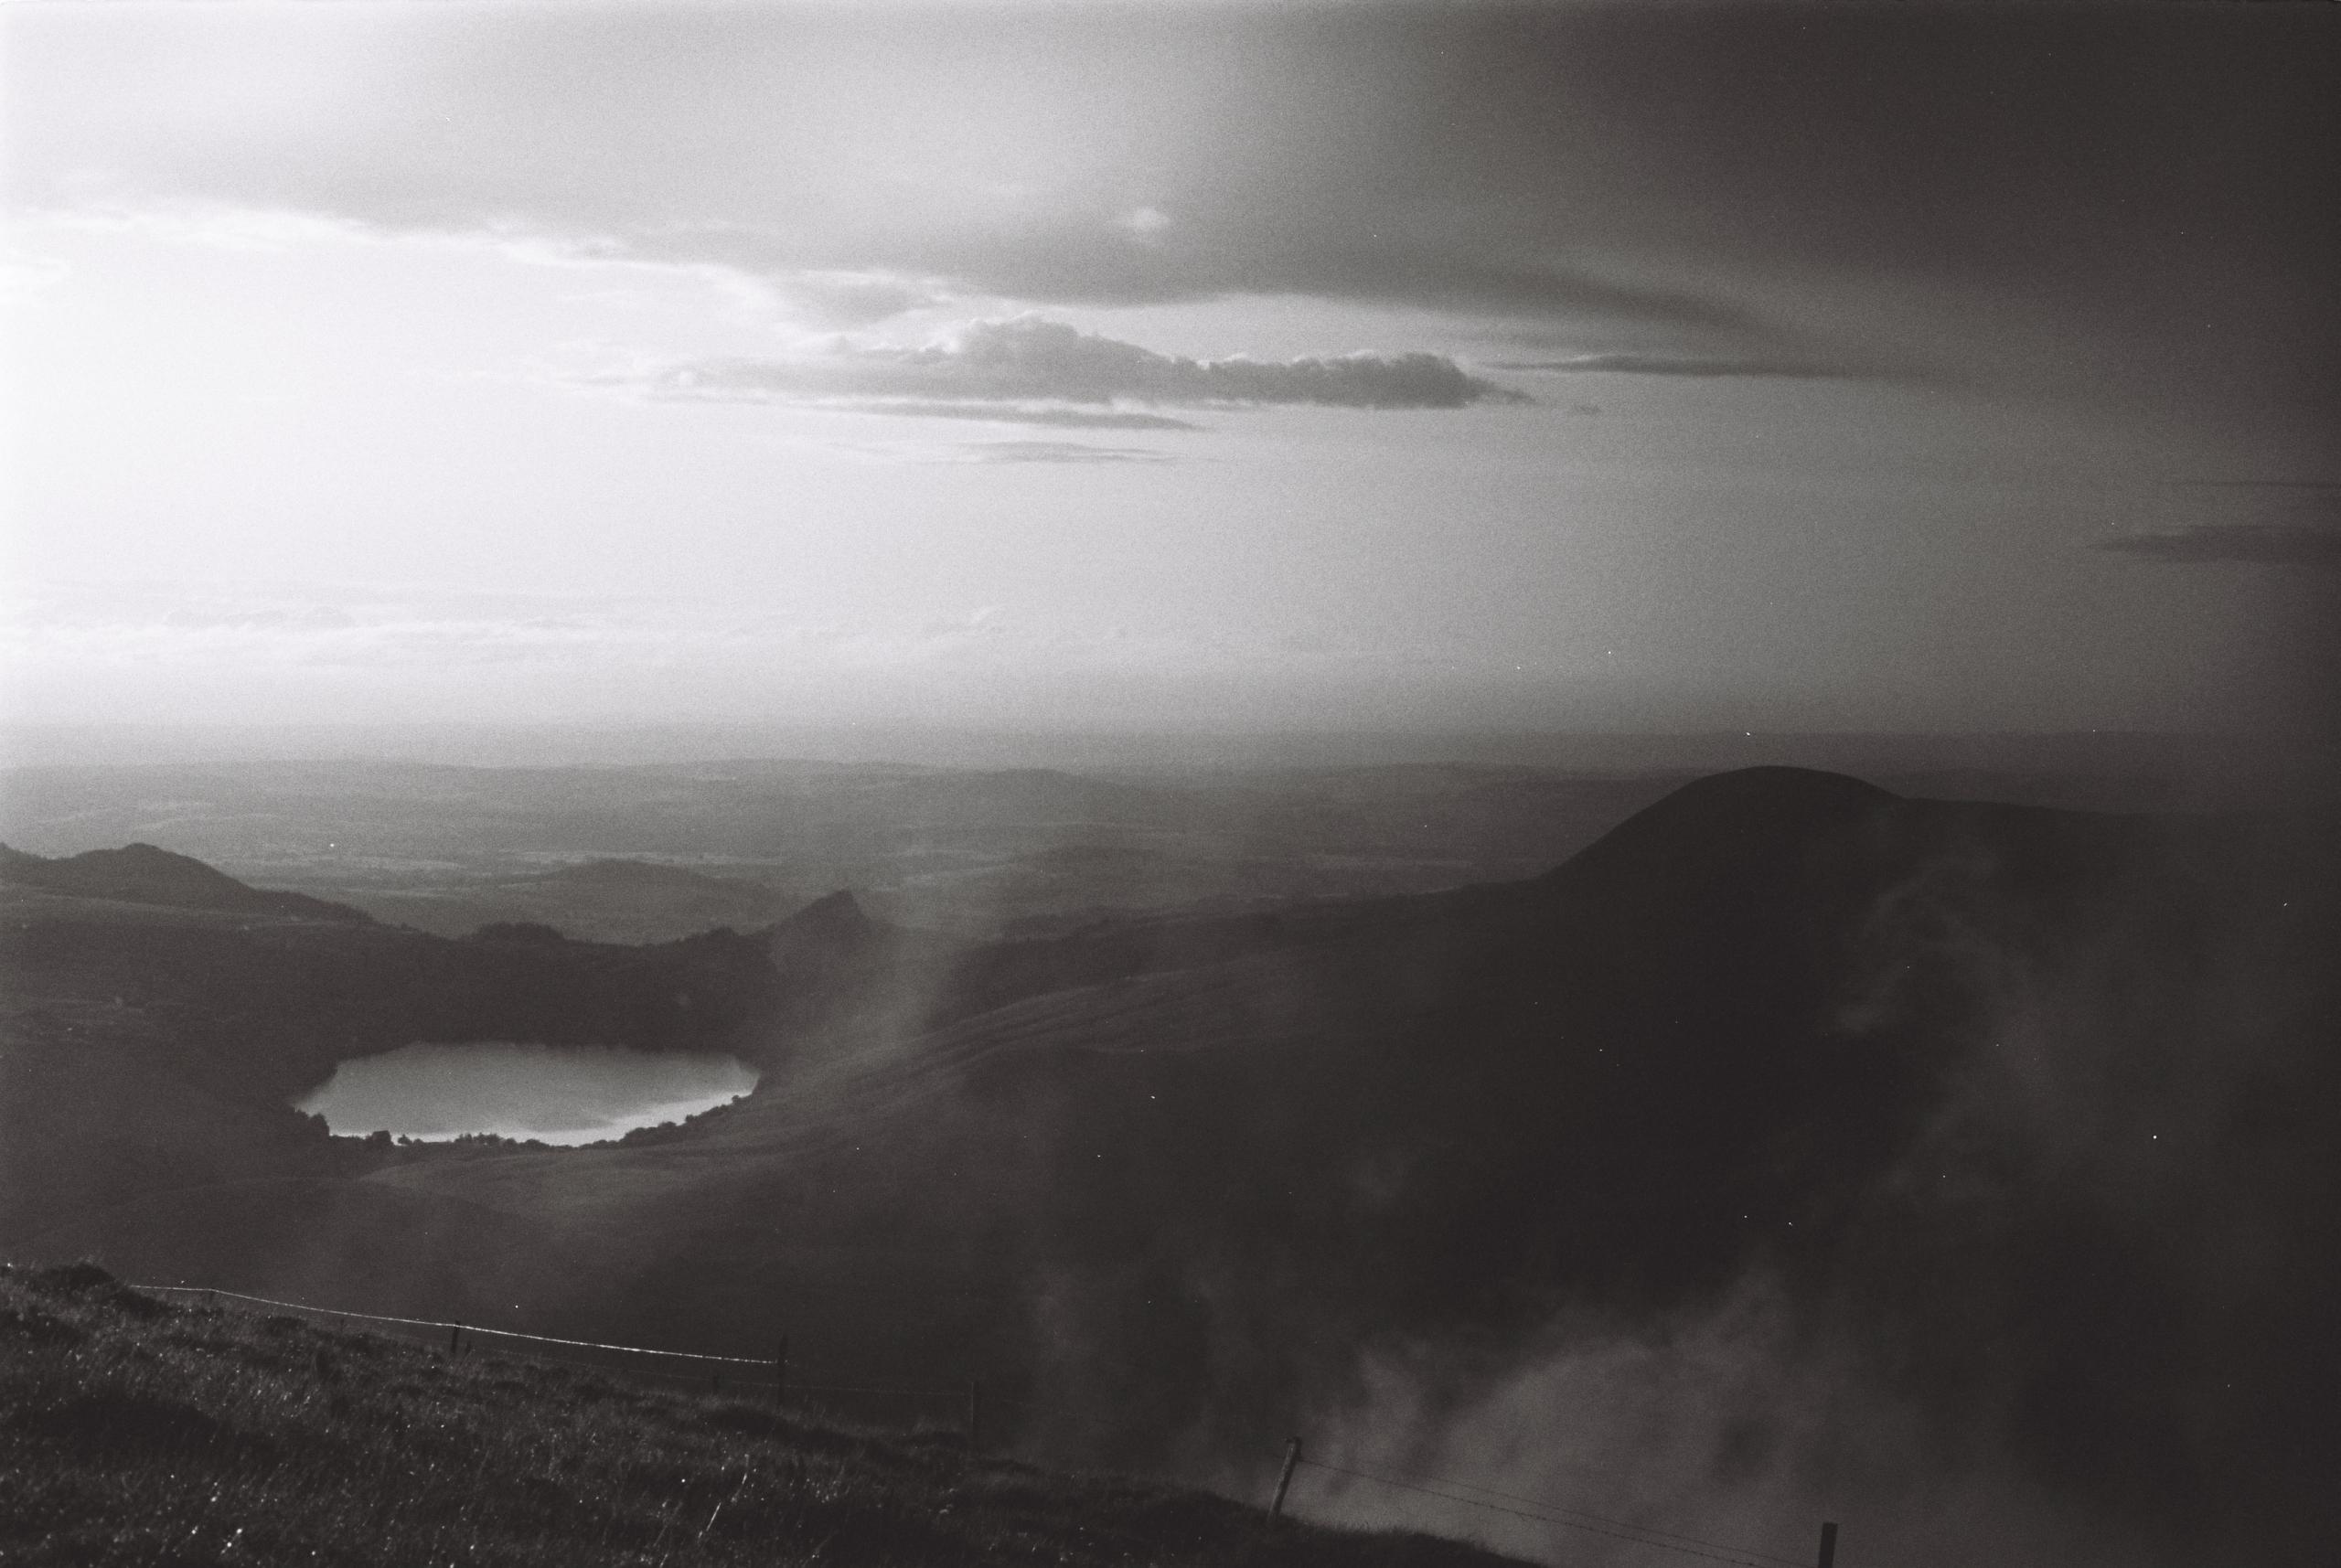 Volcans du Puy-de-Dôme